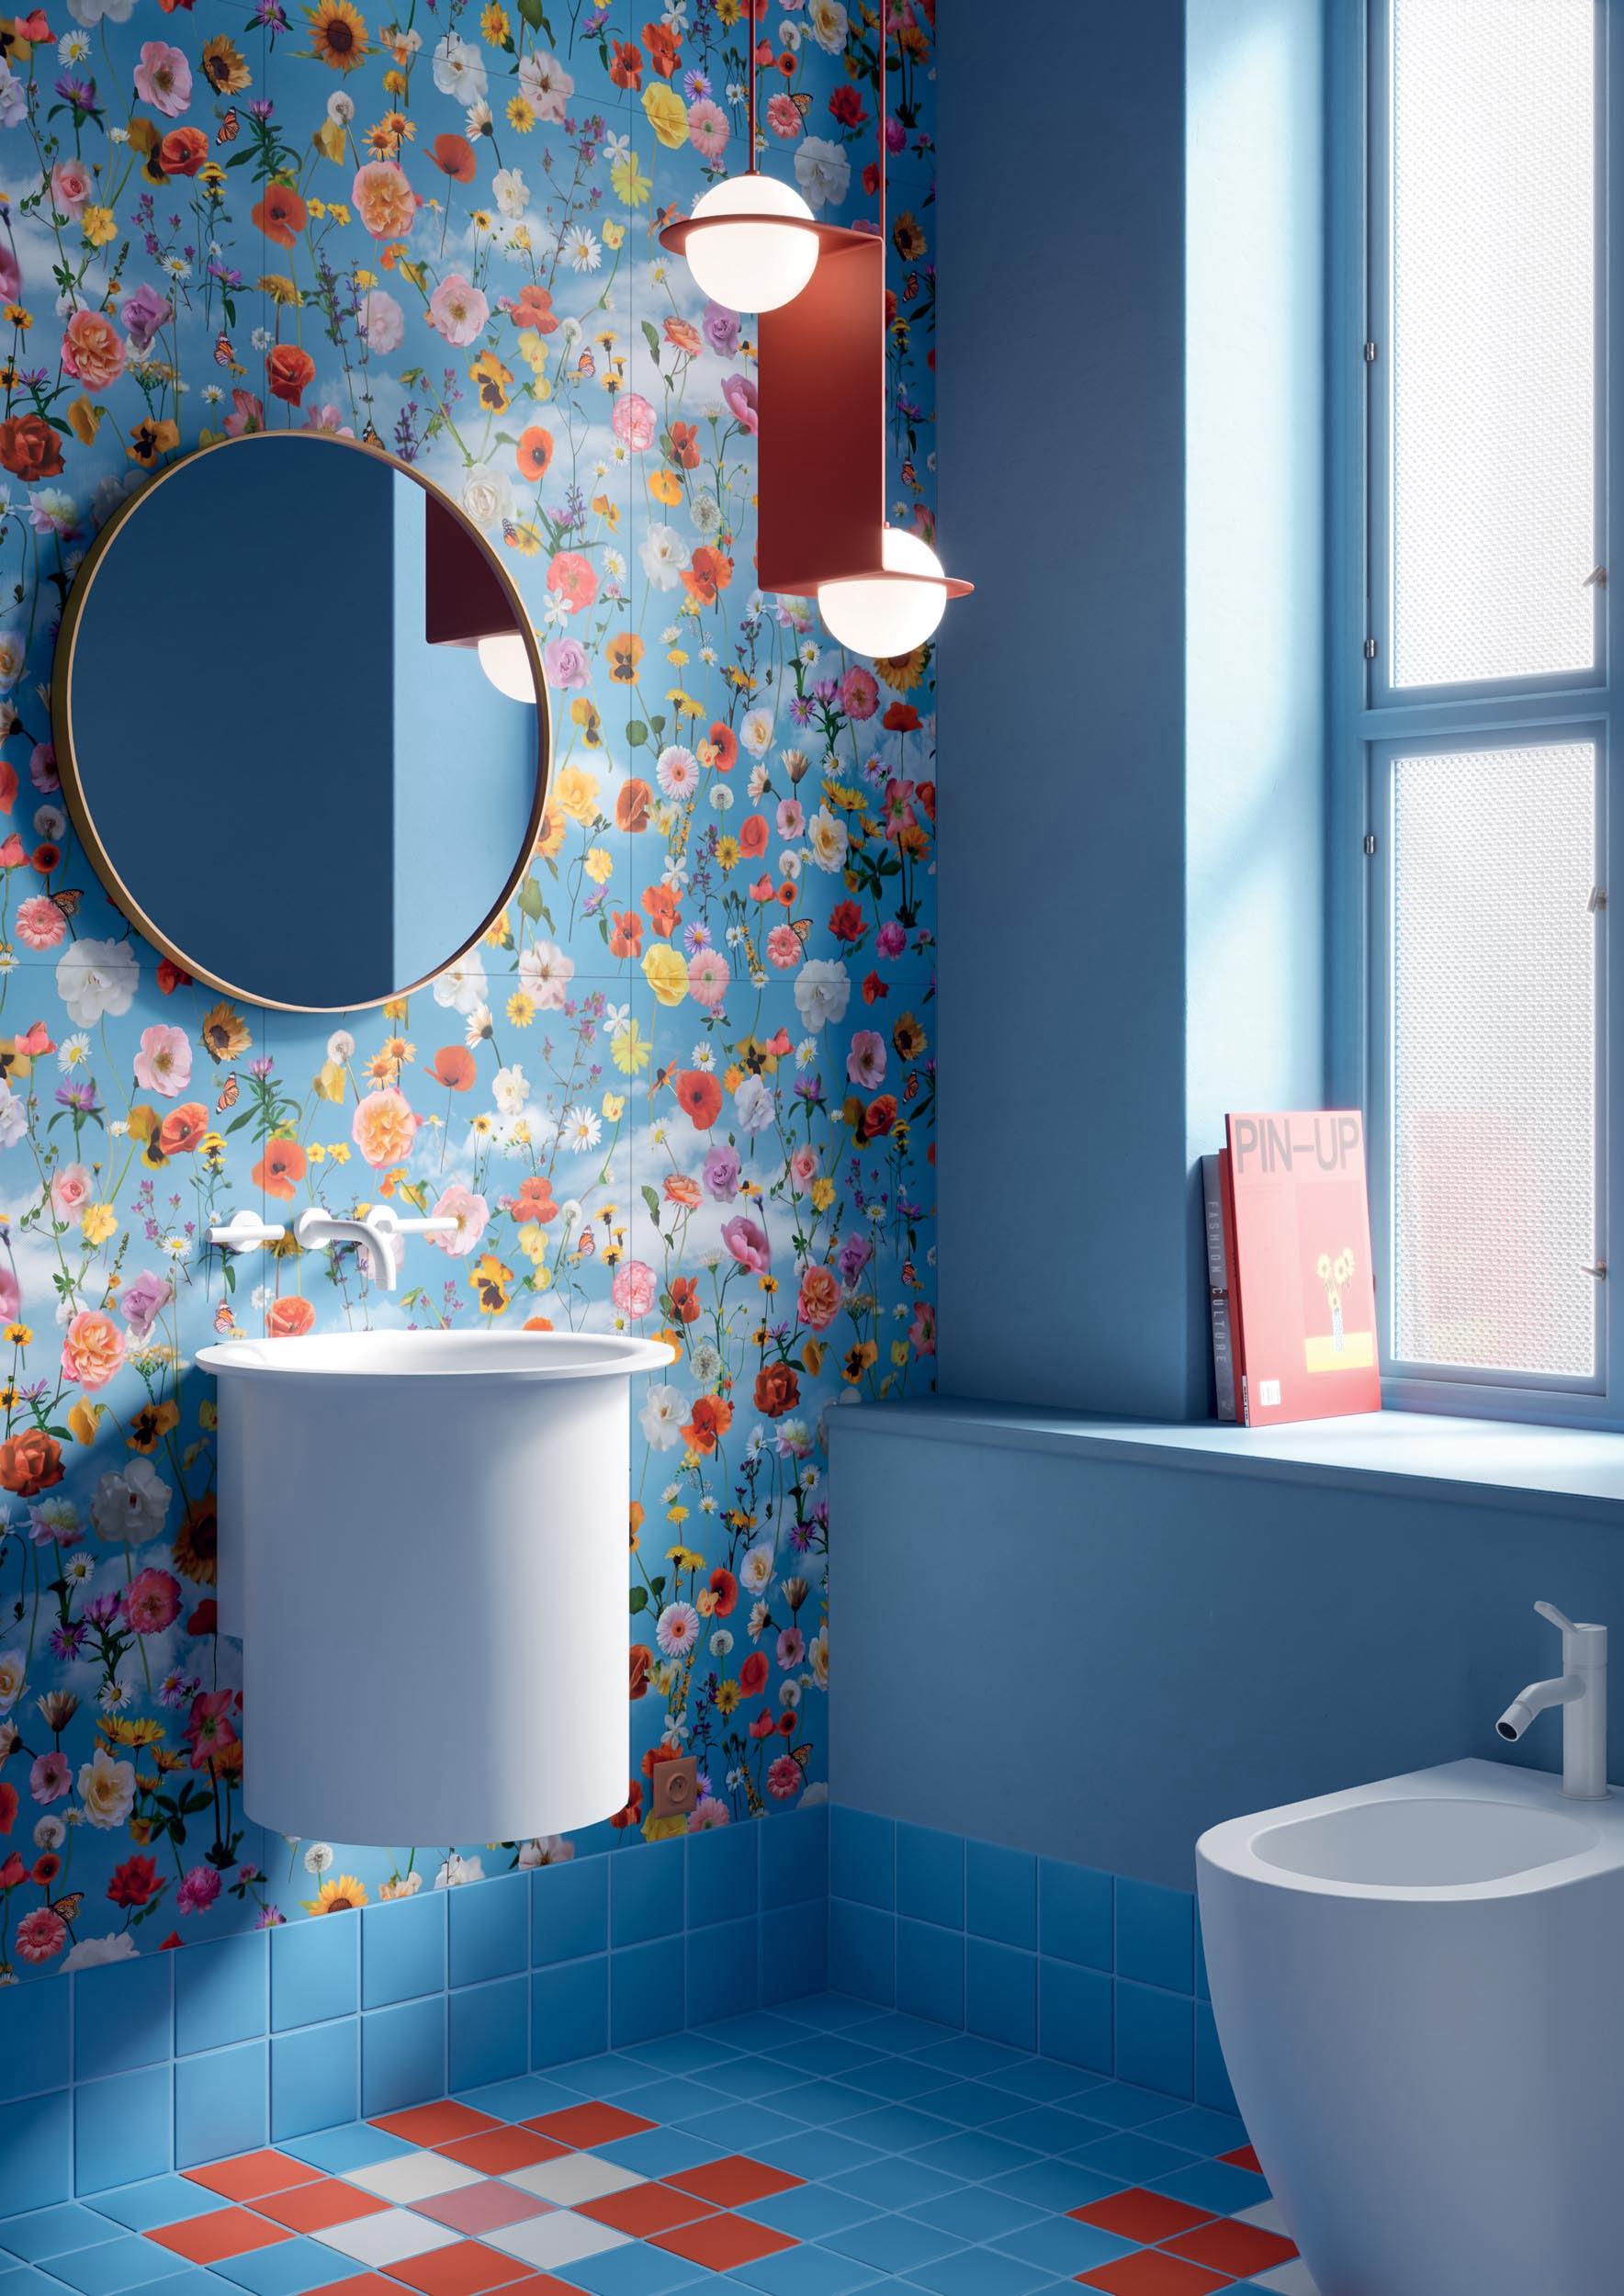 """Wall Paper41 Pro Mia 50x100 20""""x40"""" - Floor Pixel41 02/08/21/29 11,55x11,55 5""""x5"""""""